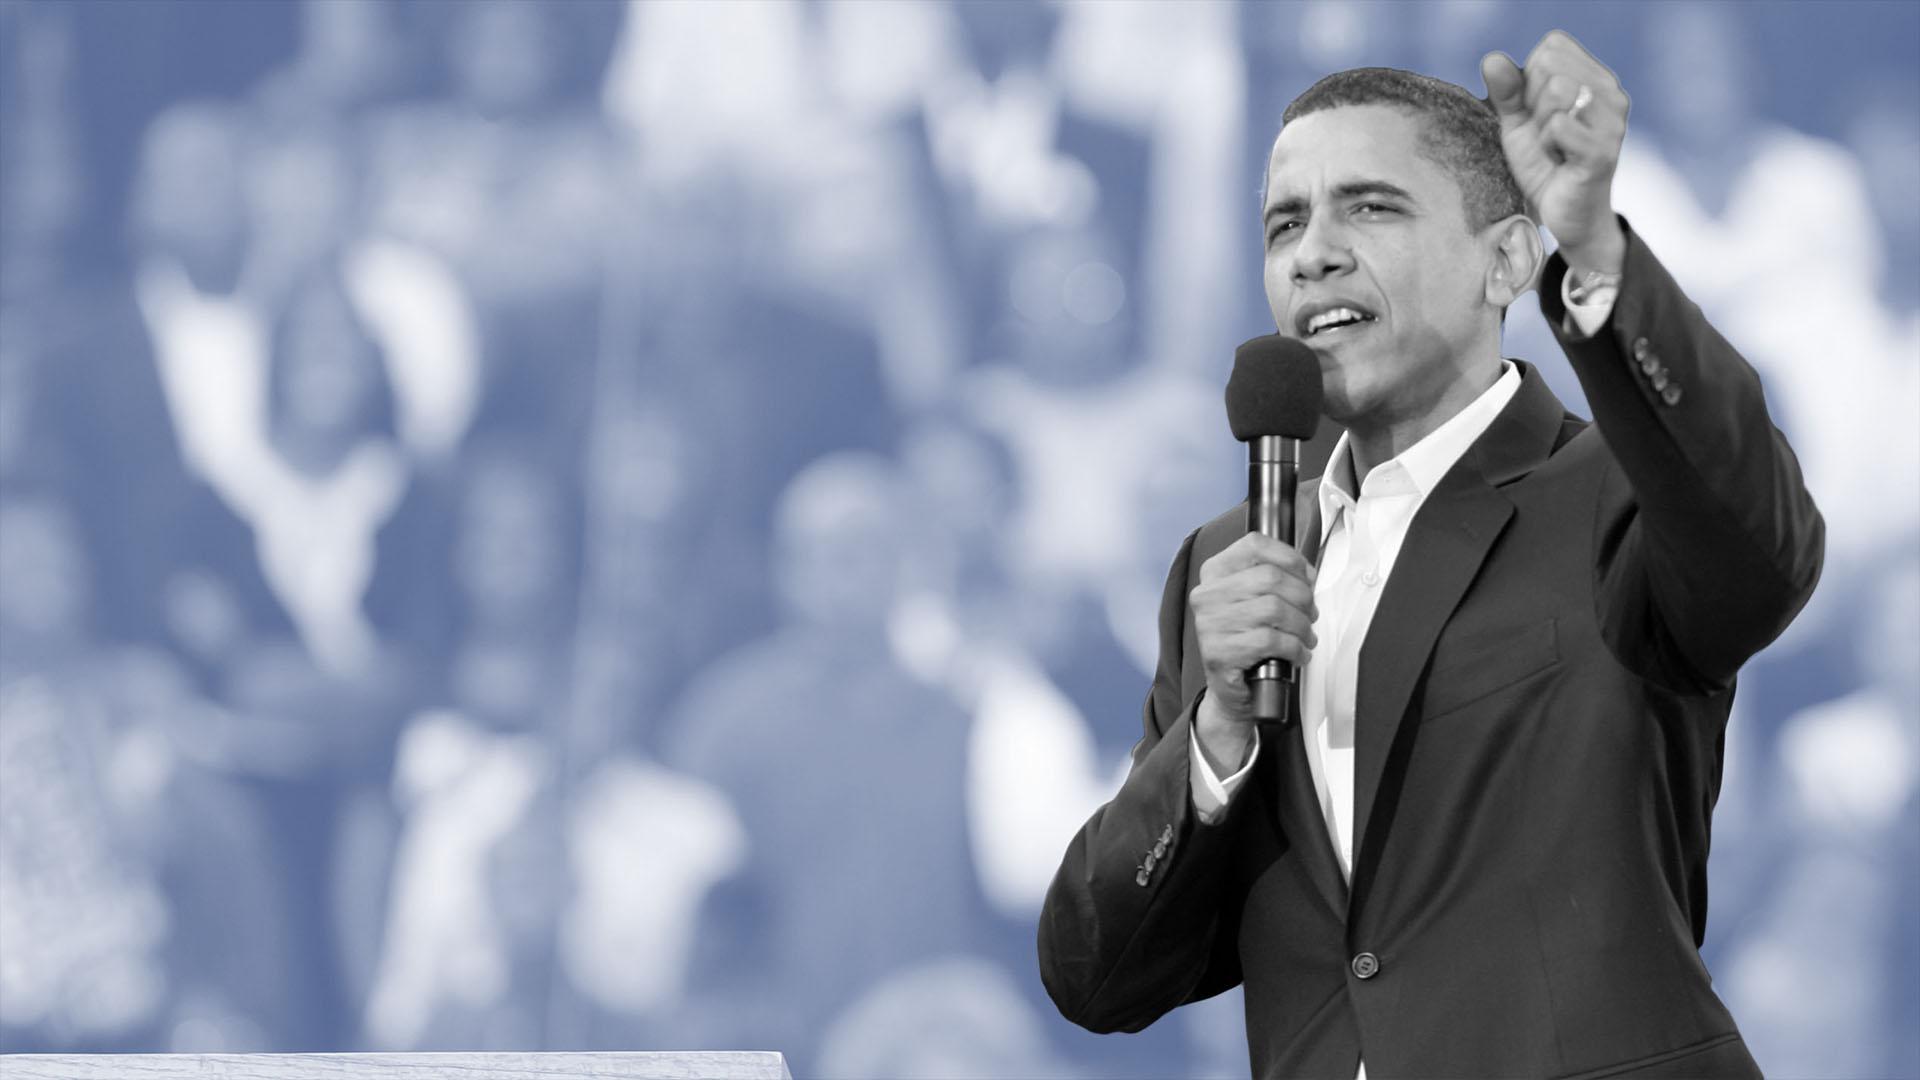 Barack Obama | Bio & Timeline